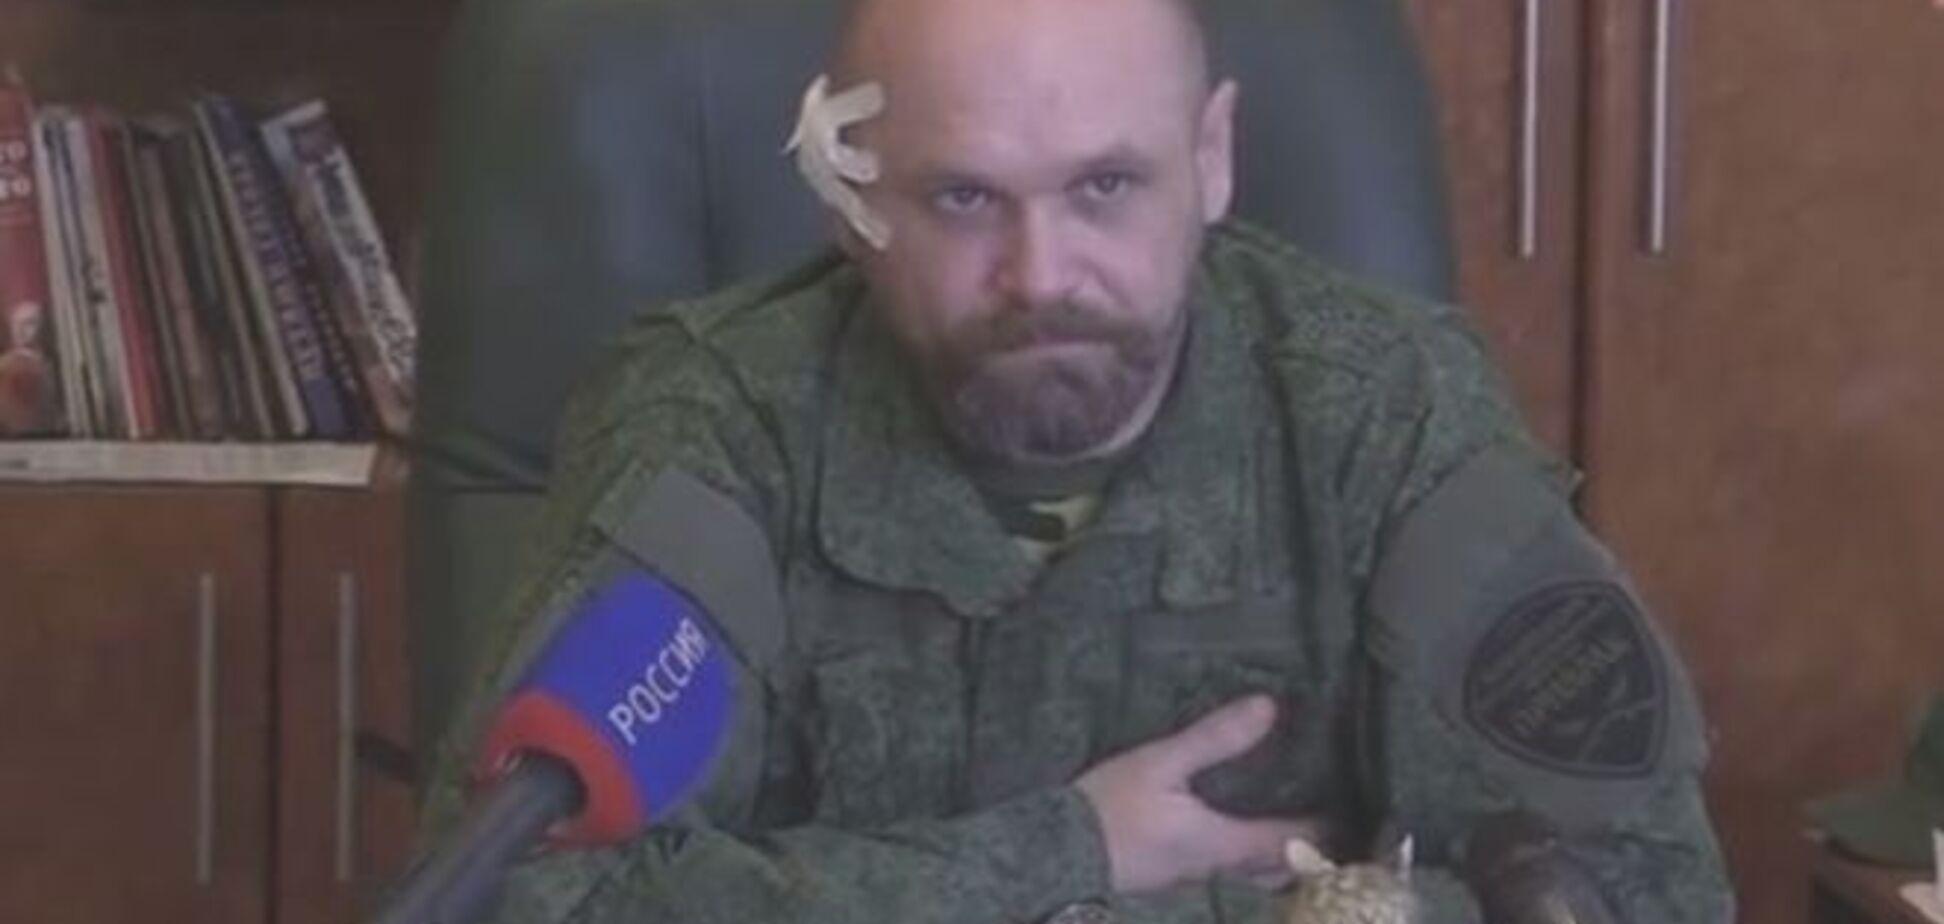 Раненый в голову Мозговой рассказал, кому из боевиков 'ЛНР' выгодна его смерть